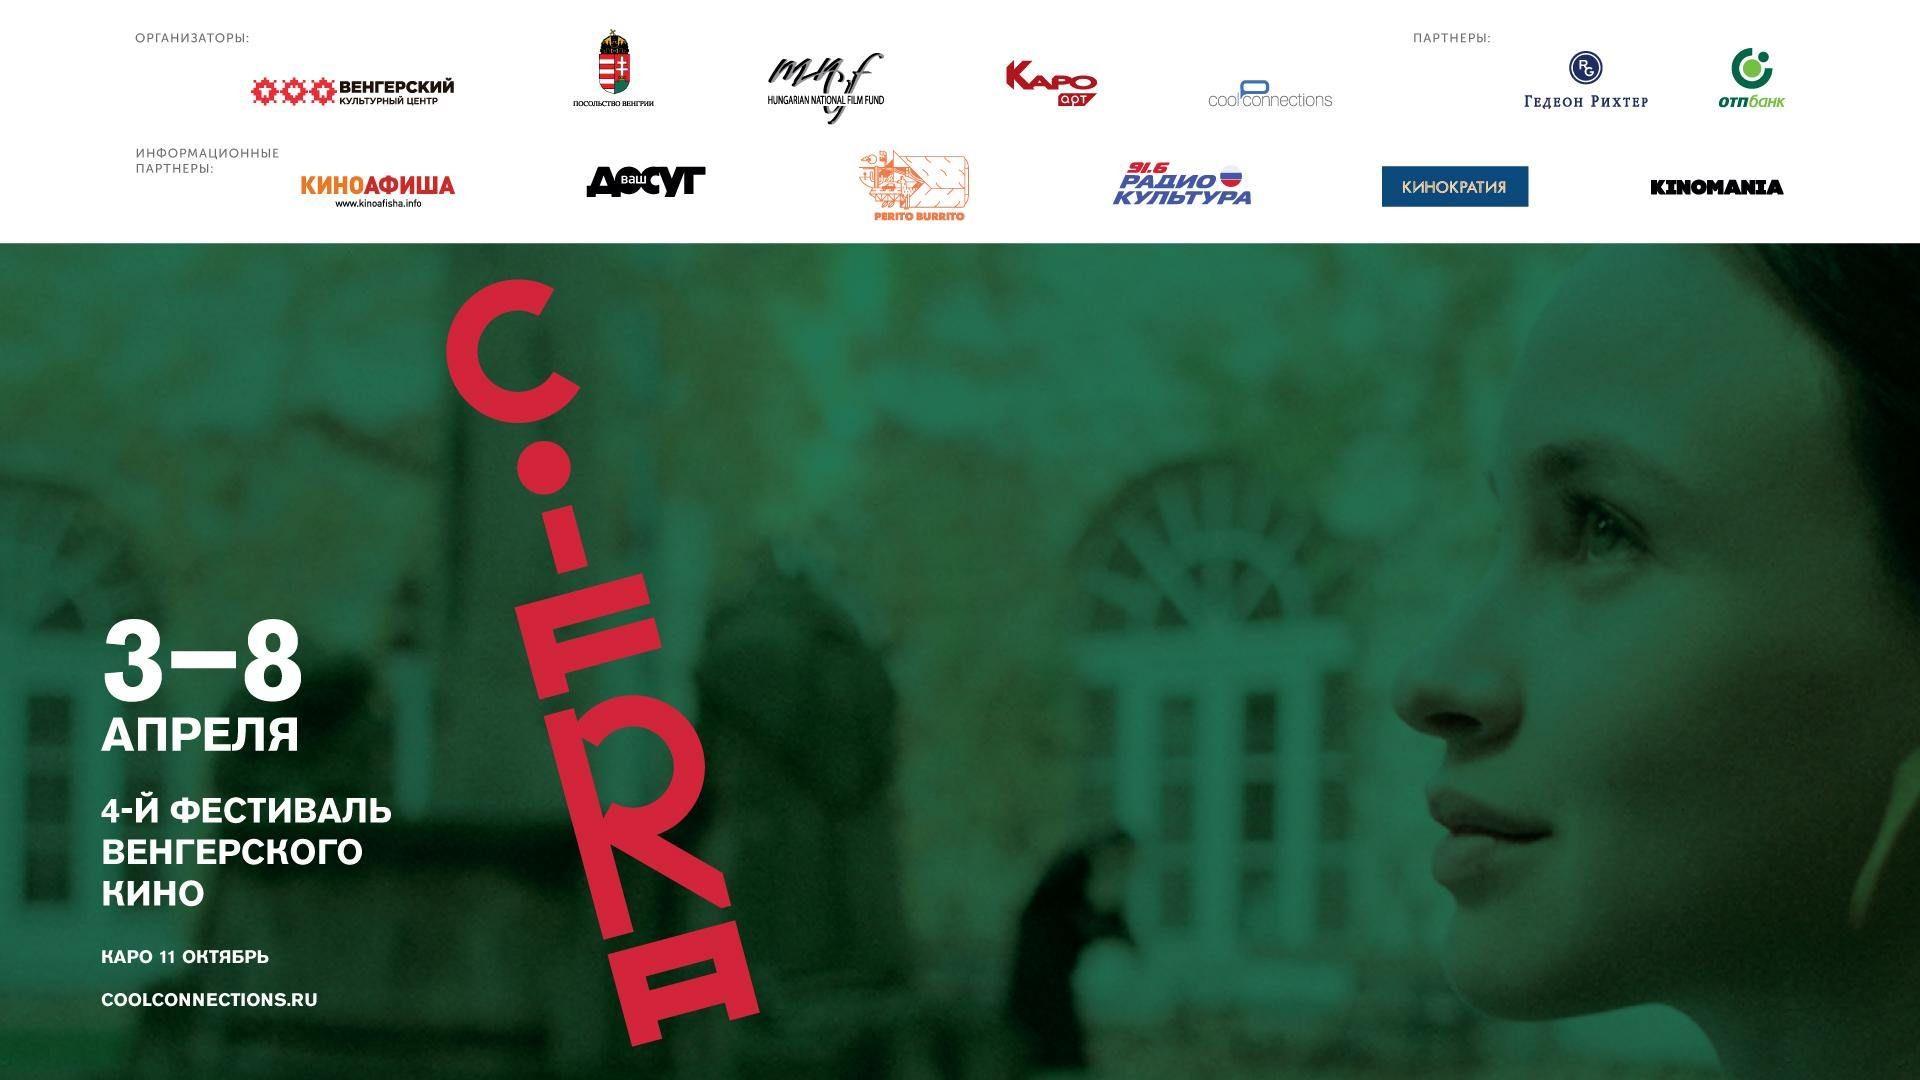 Rencontre avec une légende au IV Festival du cinéma hongrois